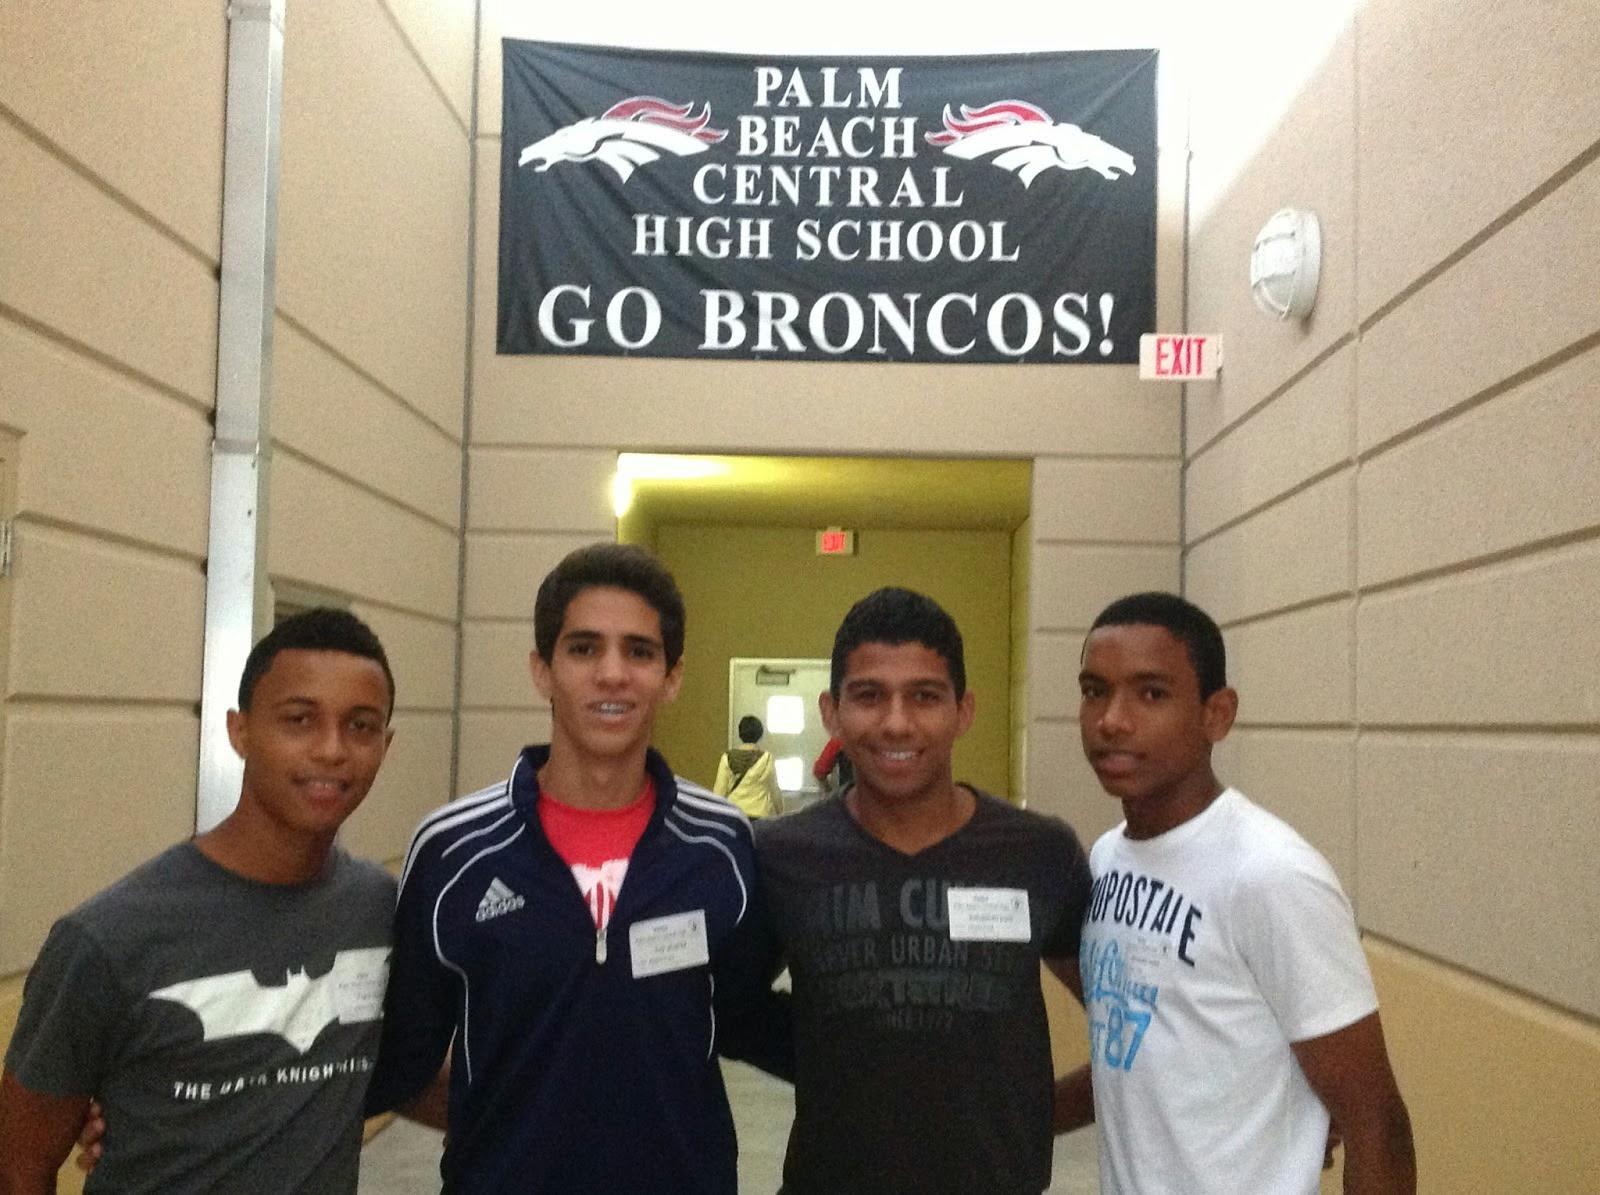 Alexander Vidal, Luis Felipe Alvarez y Frank Matos triunfando torneo soccer escuela secundaria de la Florida